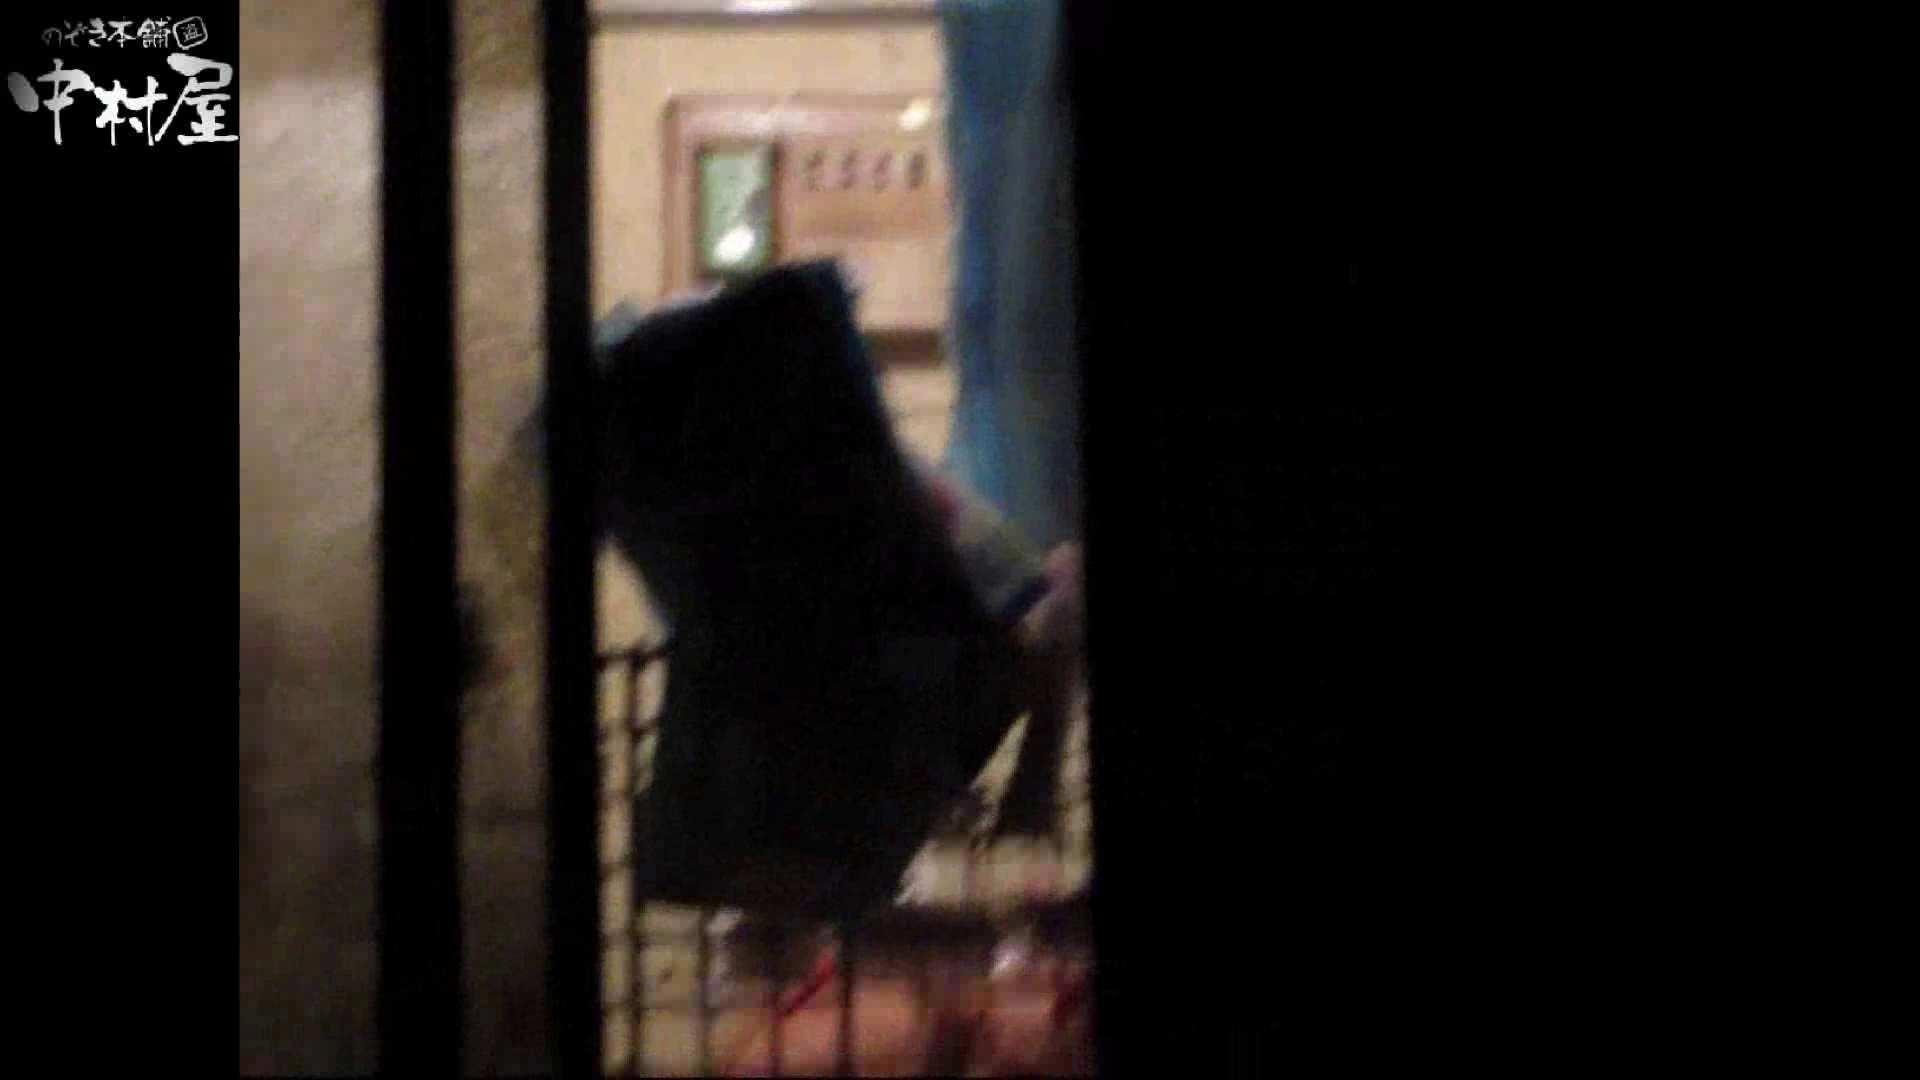 民家風呂専門盗撮師の超危険映像 vol.023 民家 オメコ無修正動画無料 95連発 28